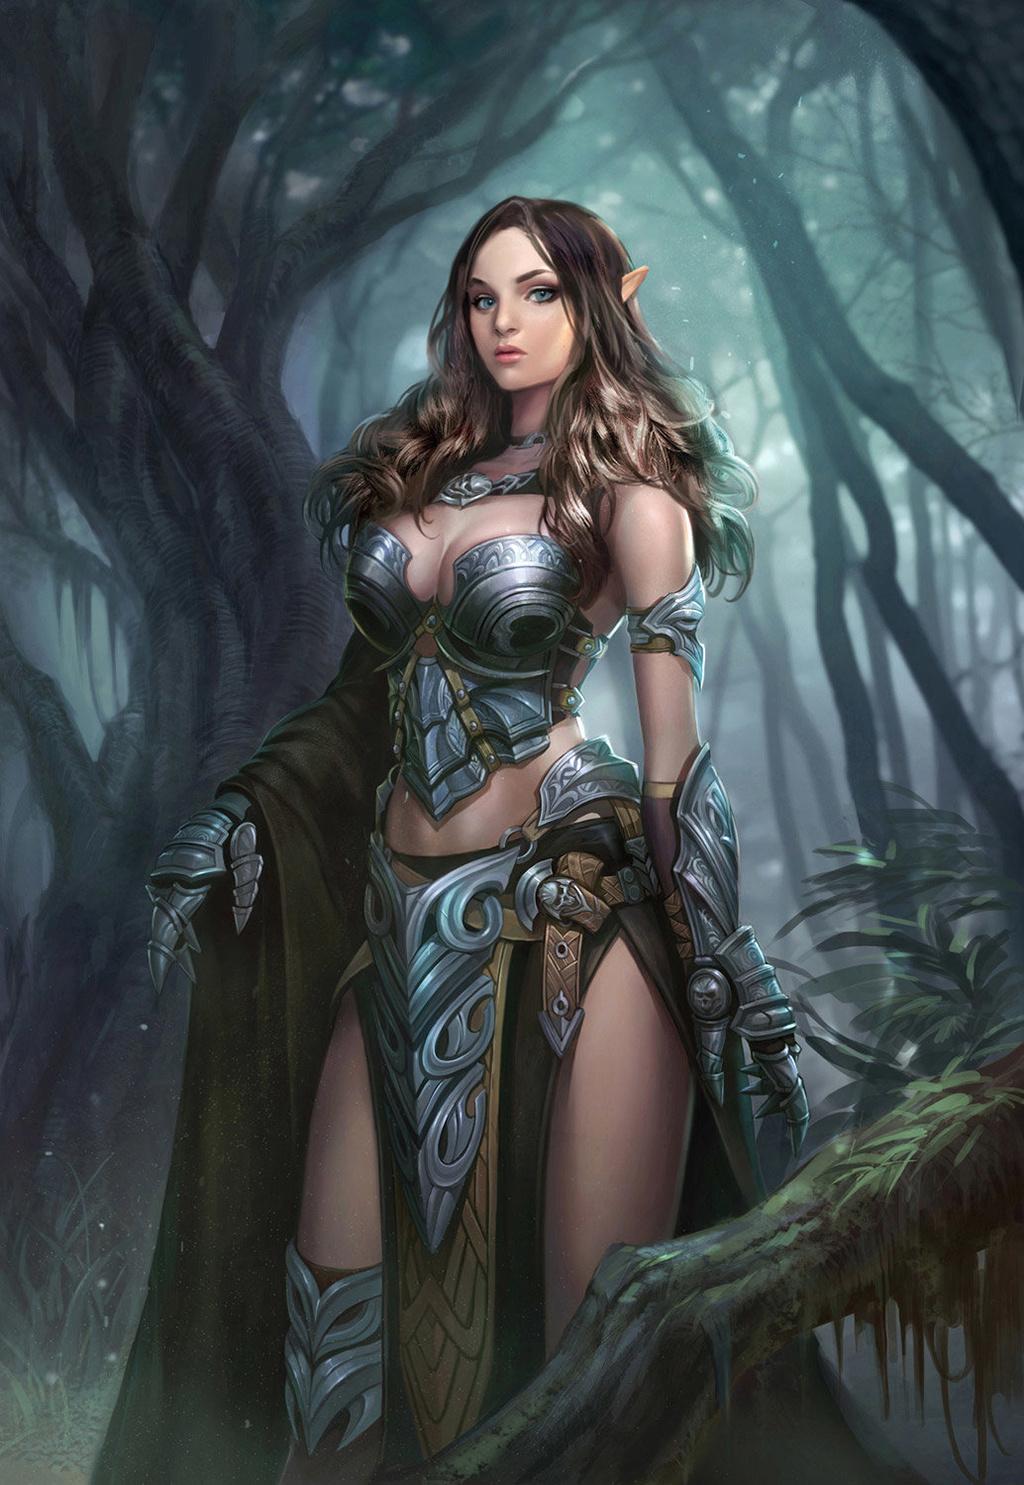 Картинки эльфы женщины